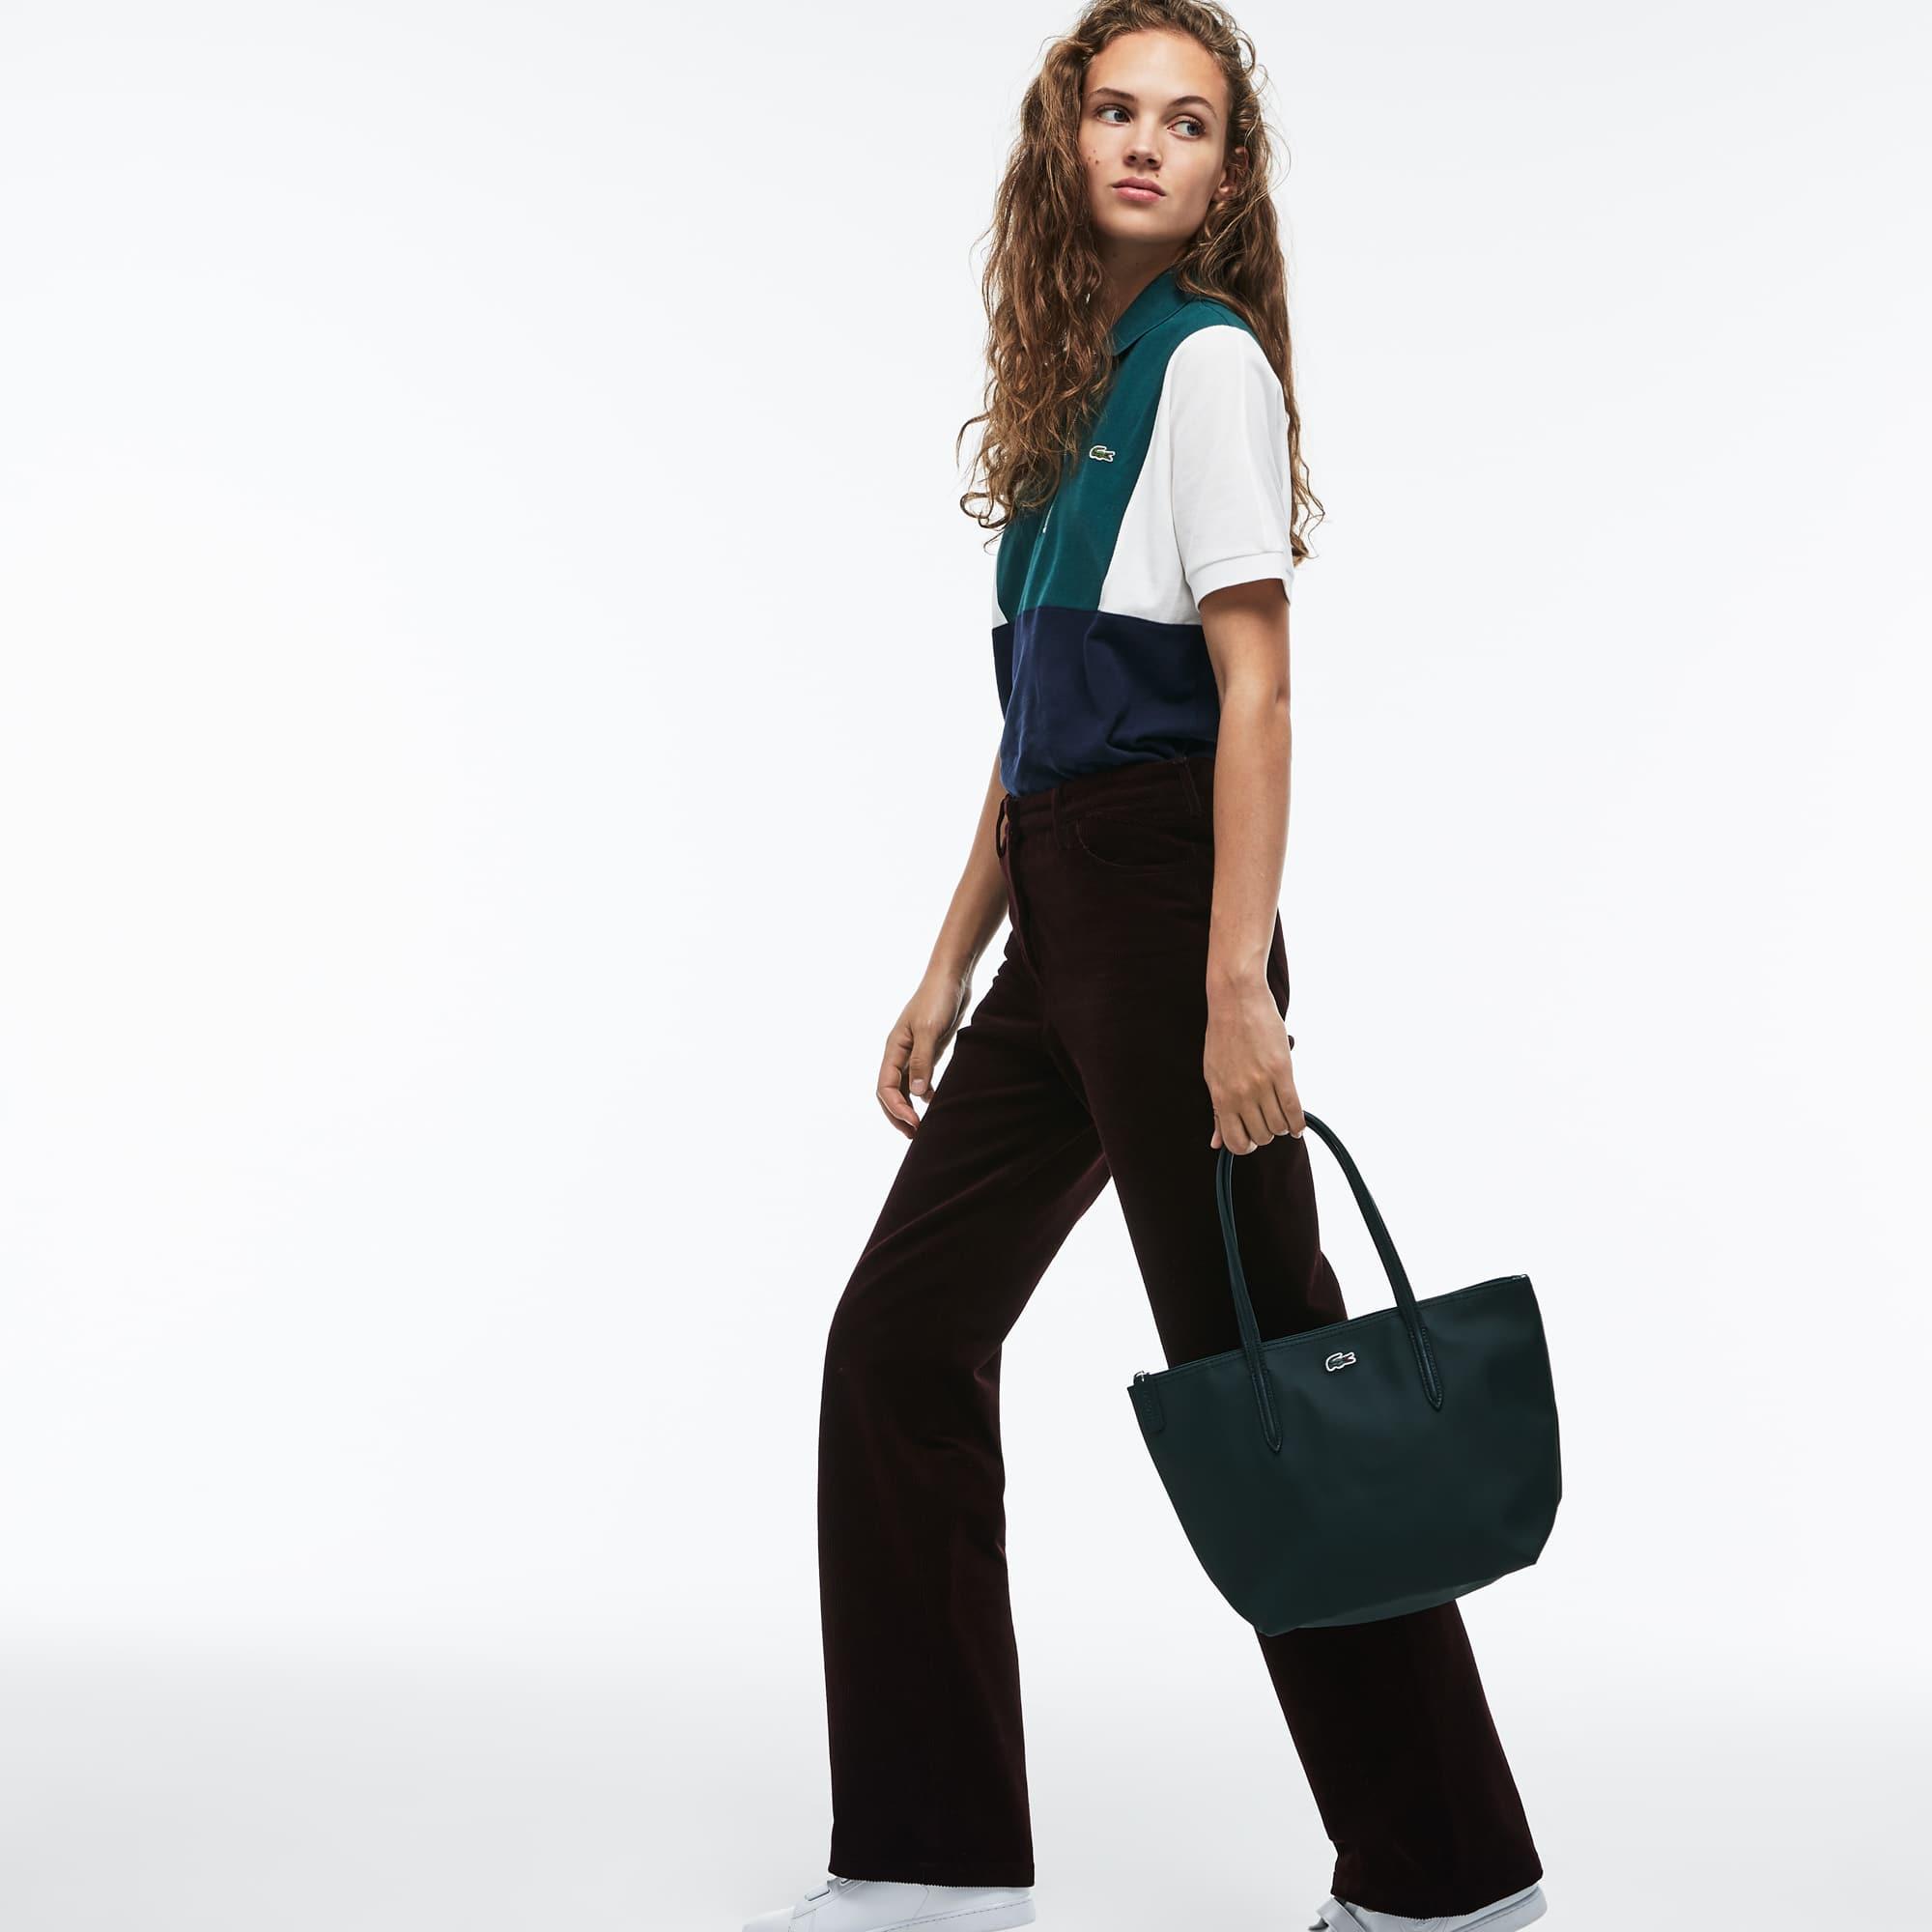 Damen L.12.12 Concept Kleine Tote Bag mit Reißverschluss